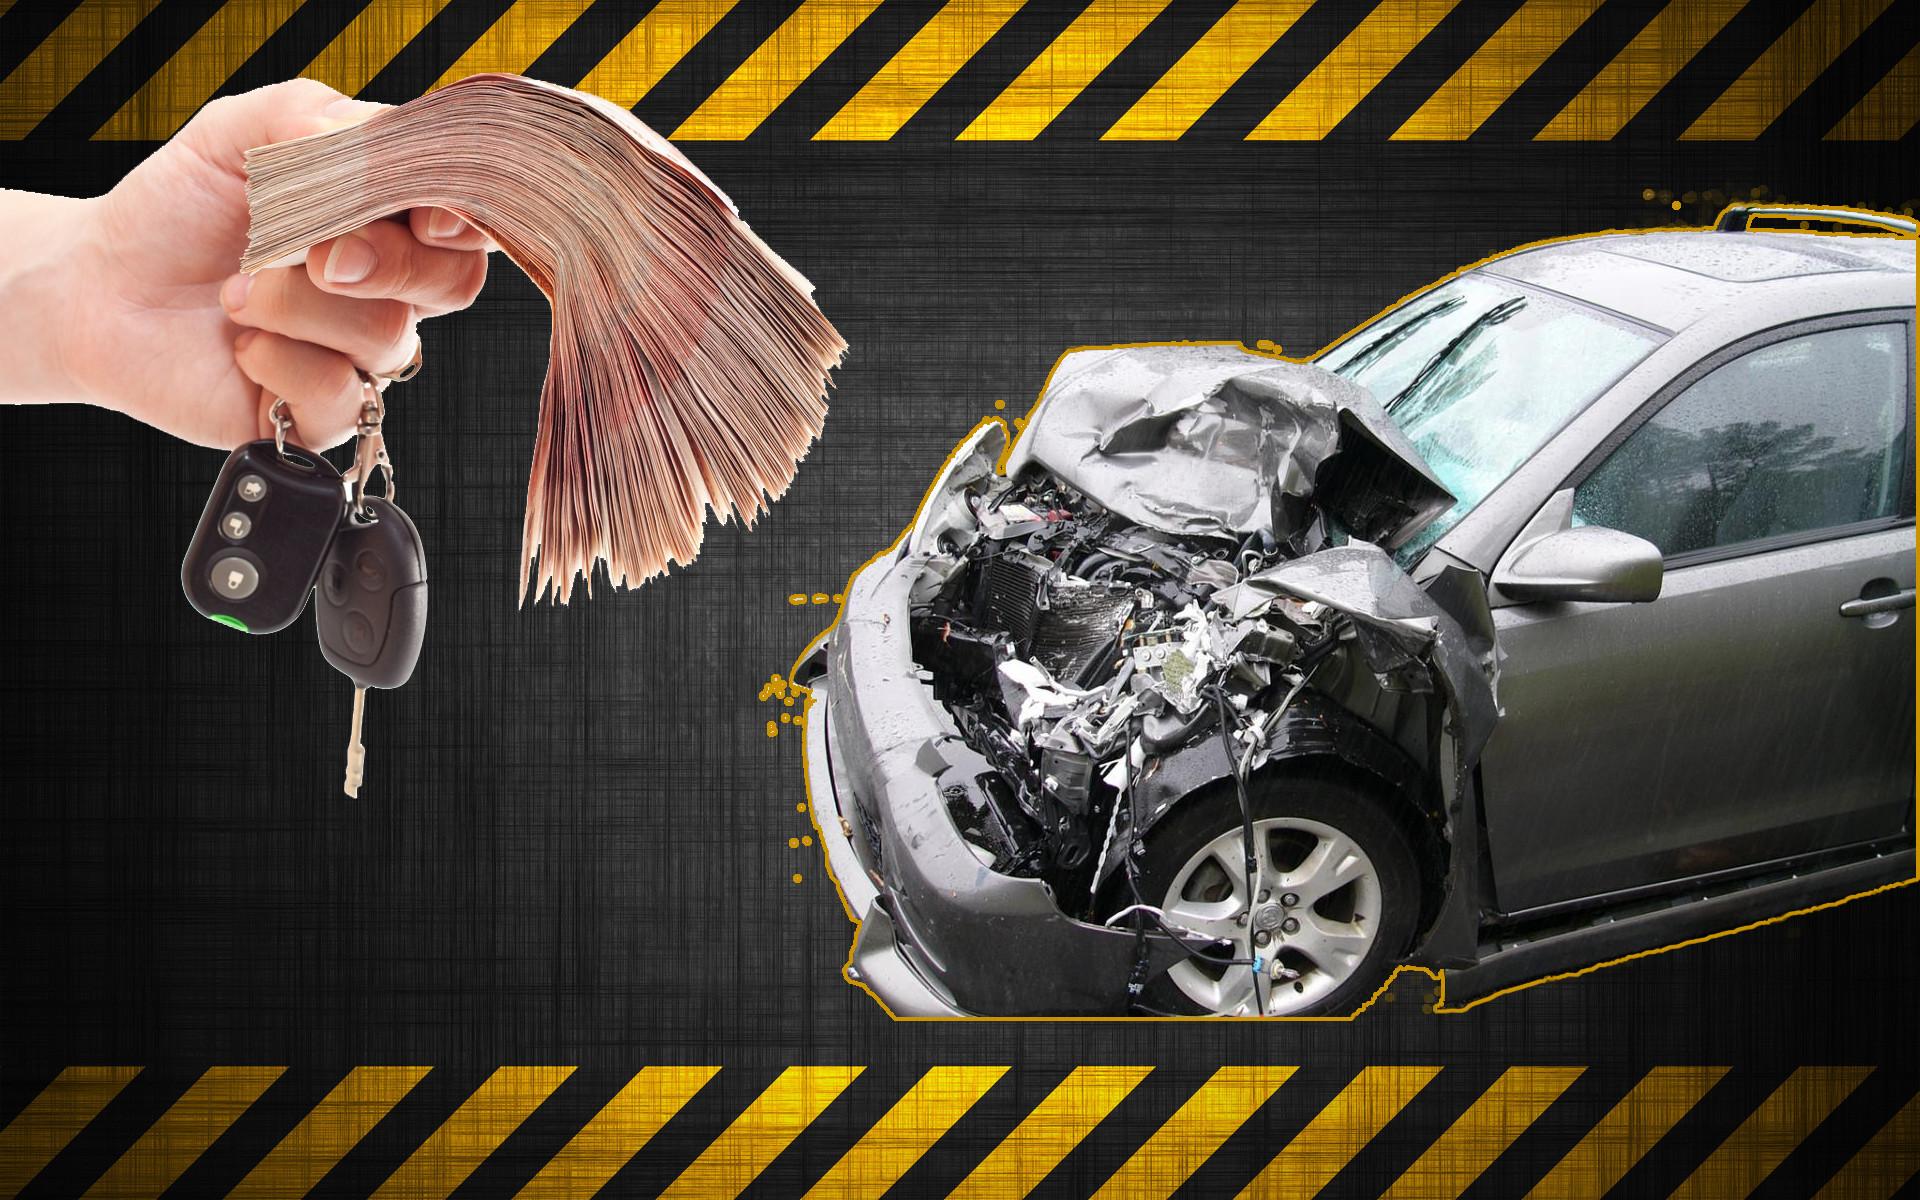 Автомобиль после ДТП: продать/восстановить? - ОСА - Общество содействия автомобилистам - Услуги эксперта во всех ситуациях с автомобилем